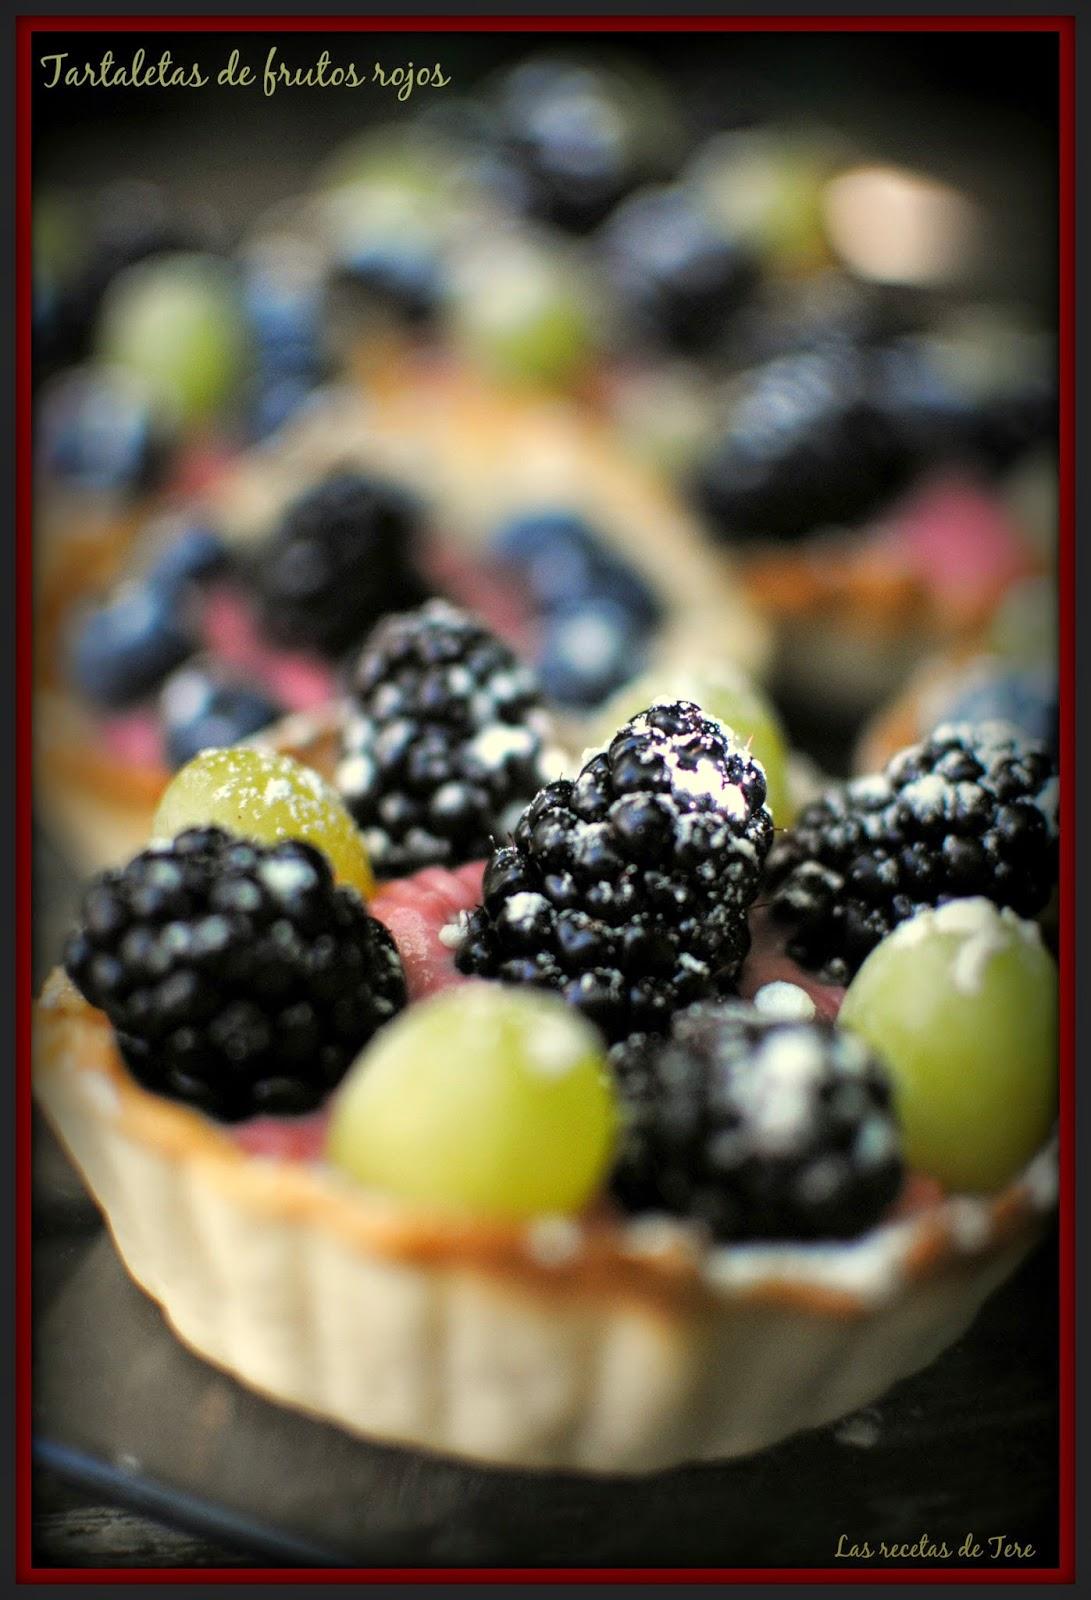 Tartaletas de frutos rojos las recetas de tere 05